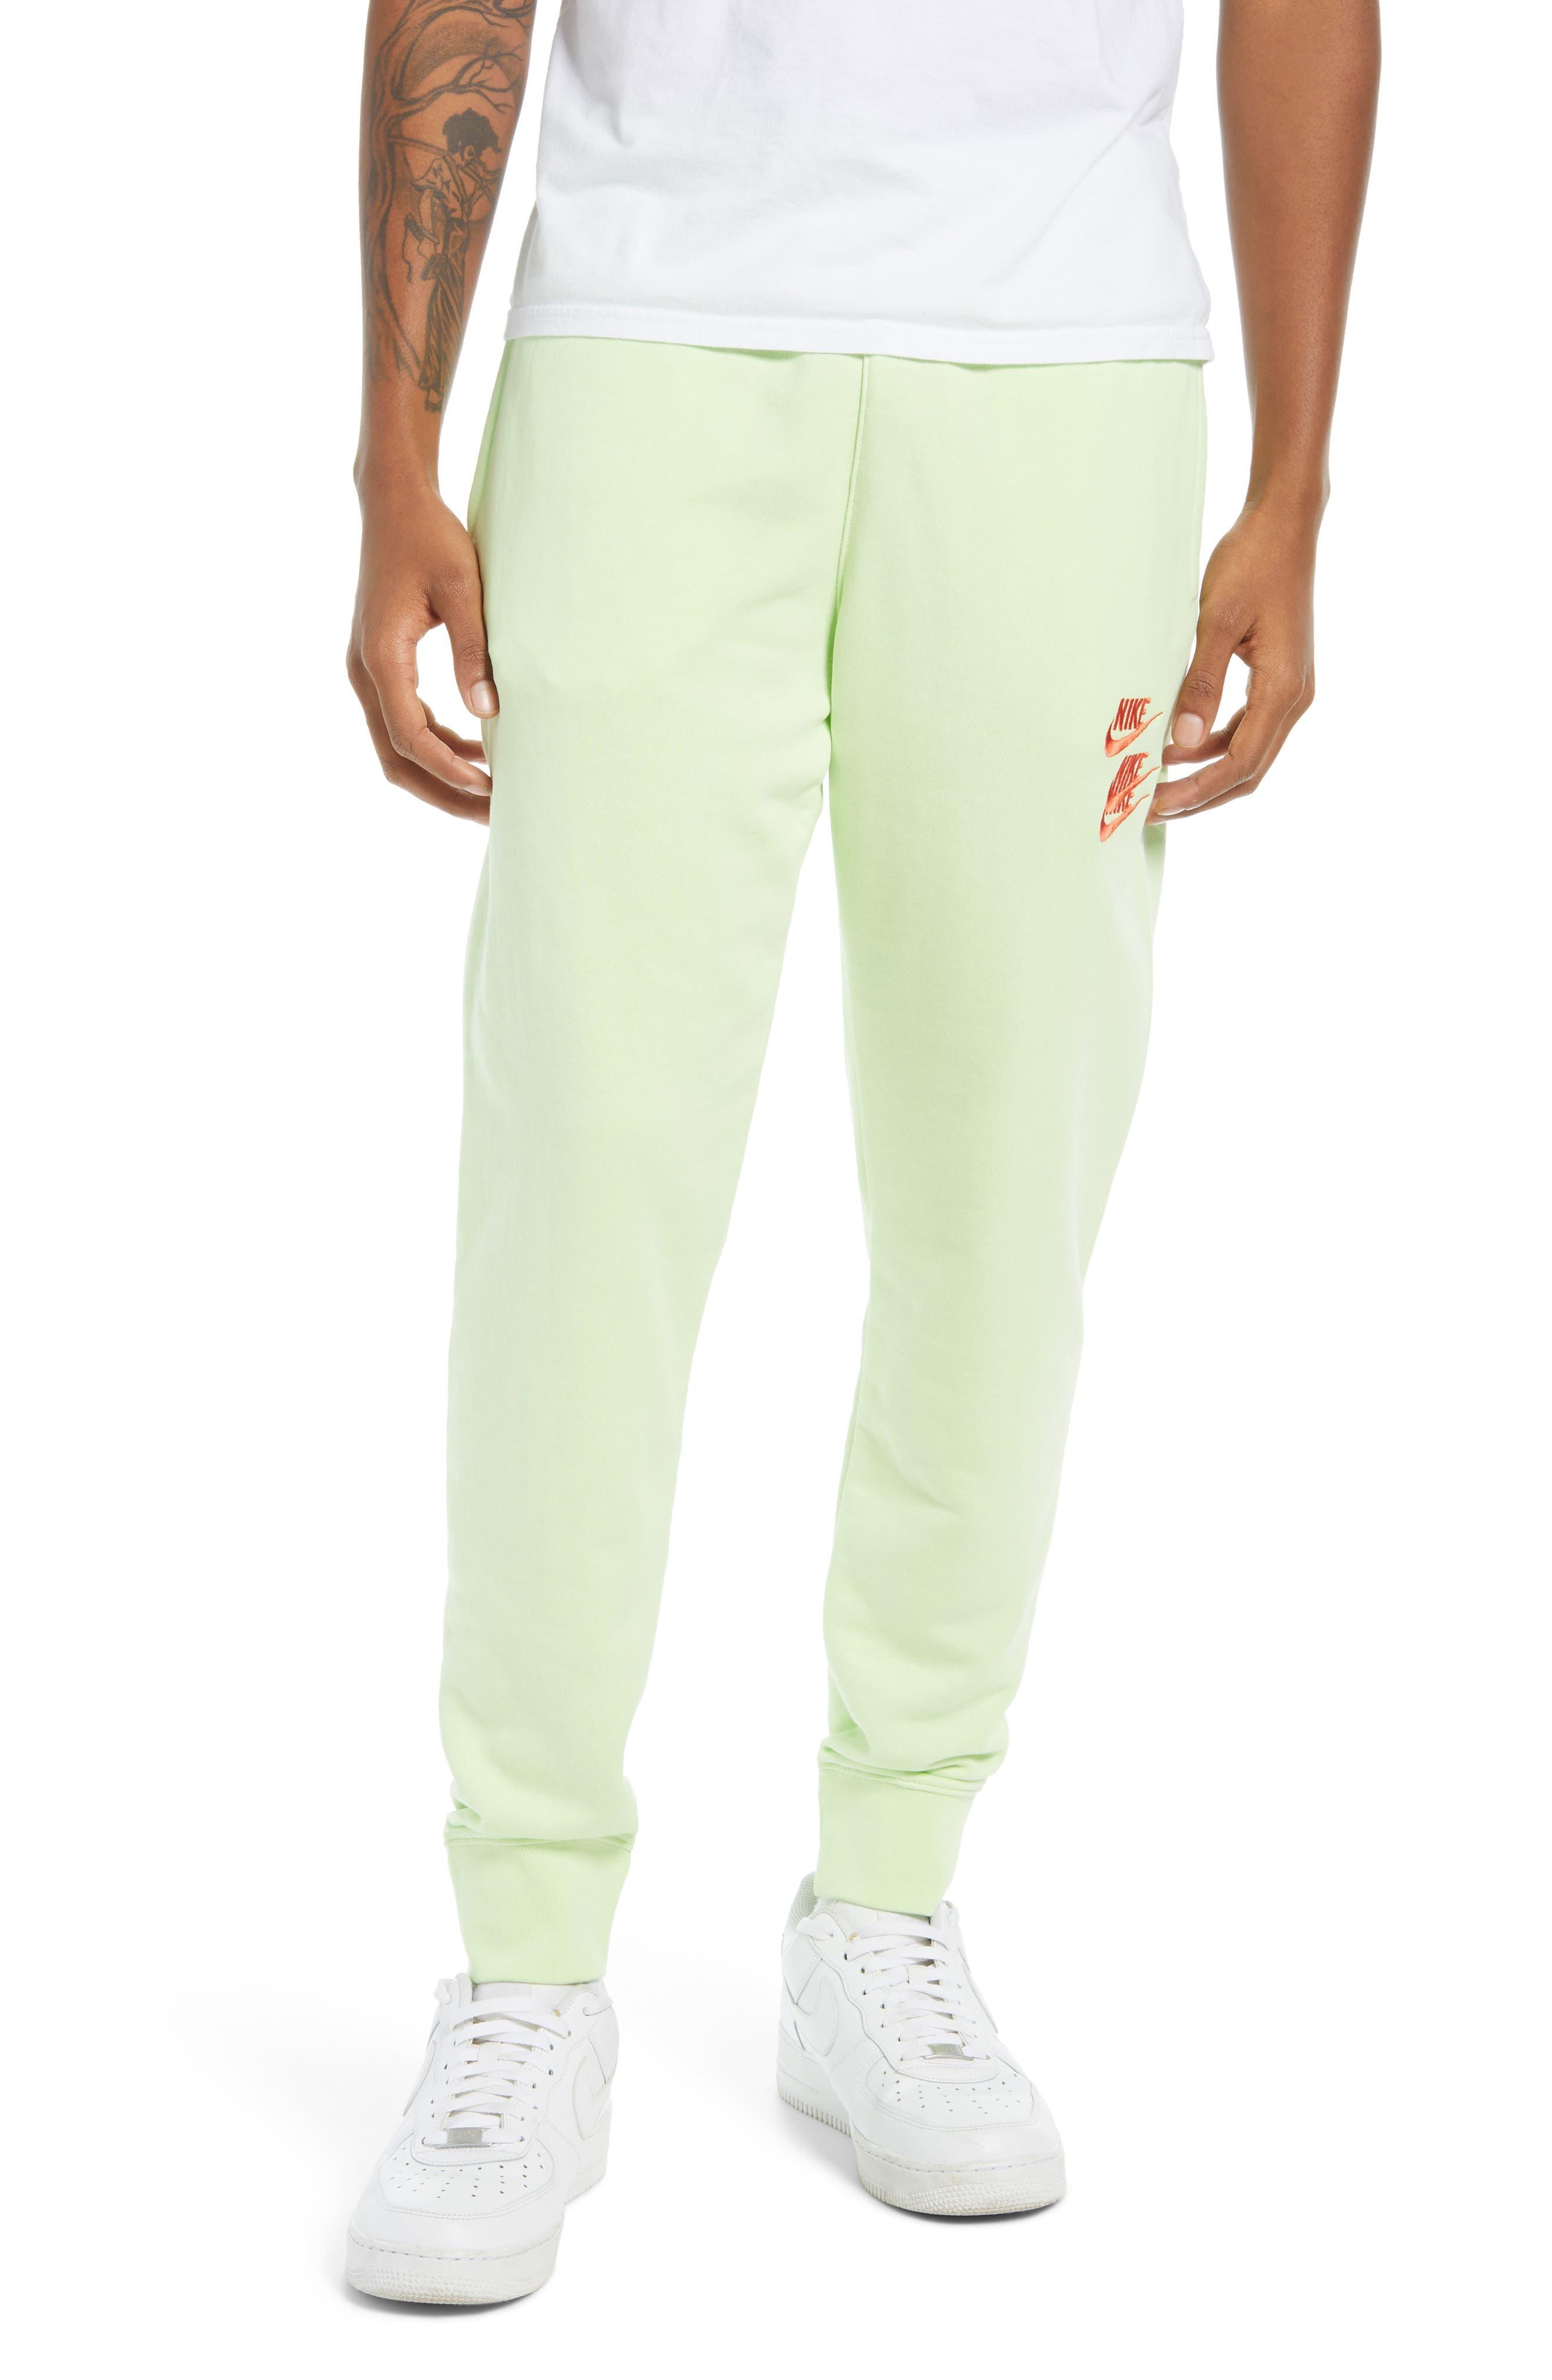 Men's Nike Sportswear French Terry Sweatpants